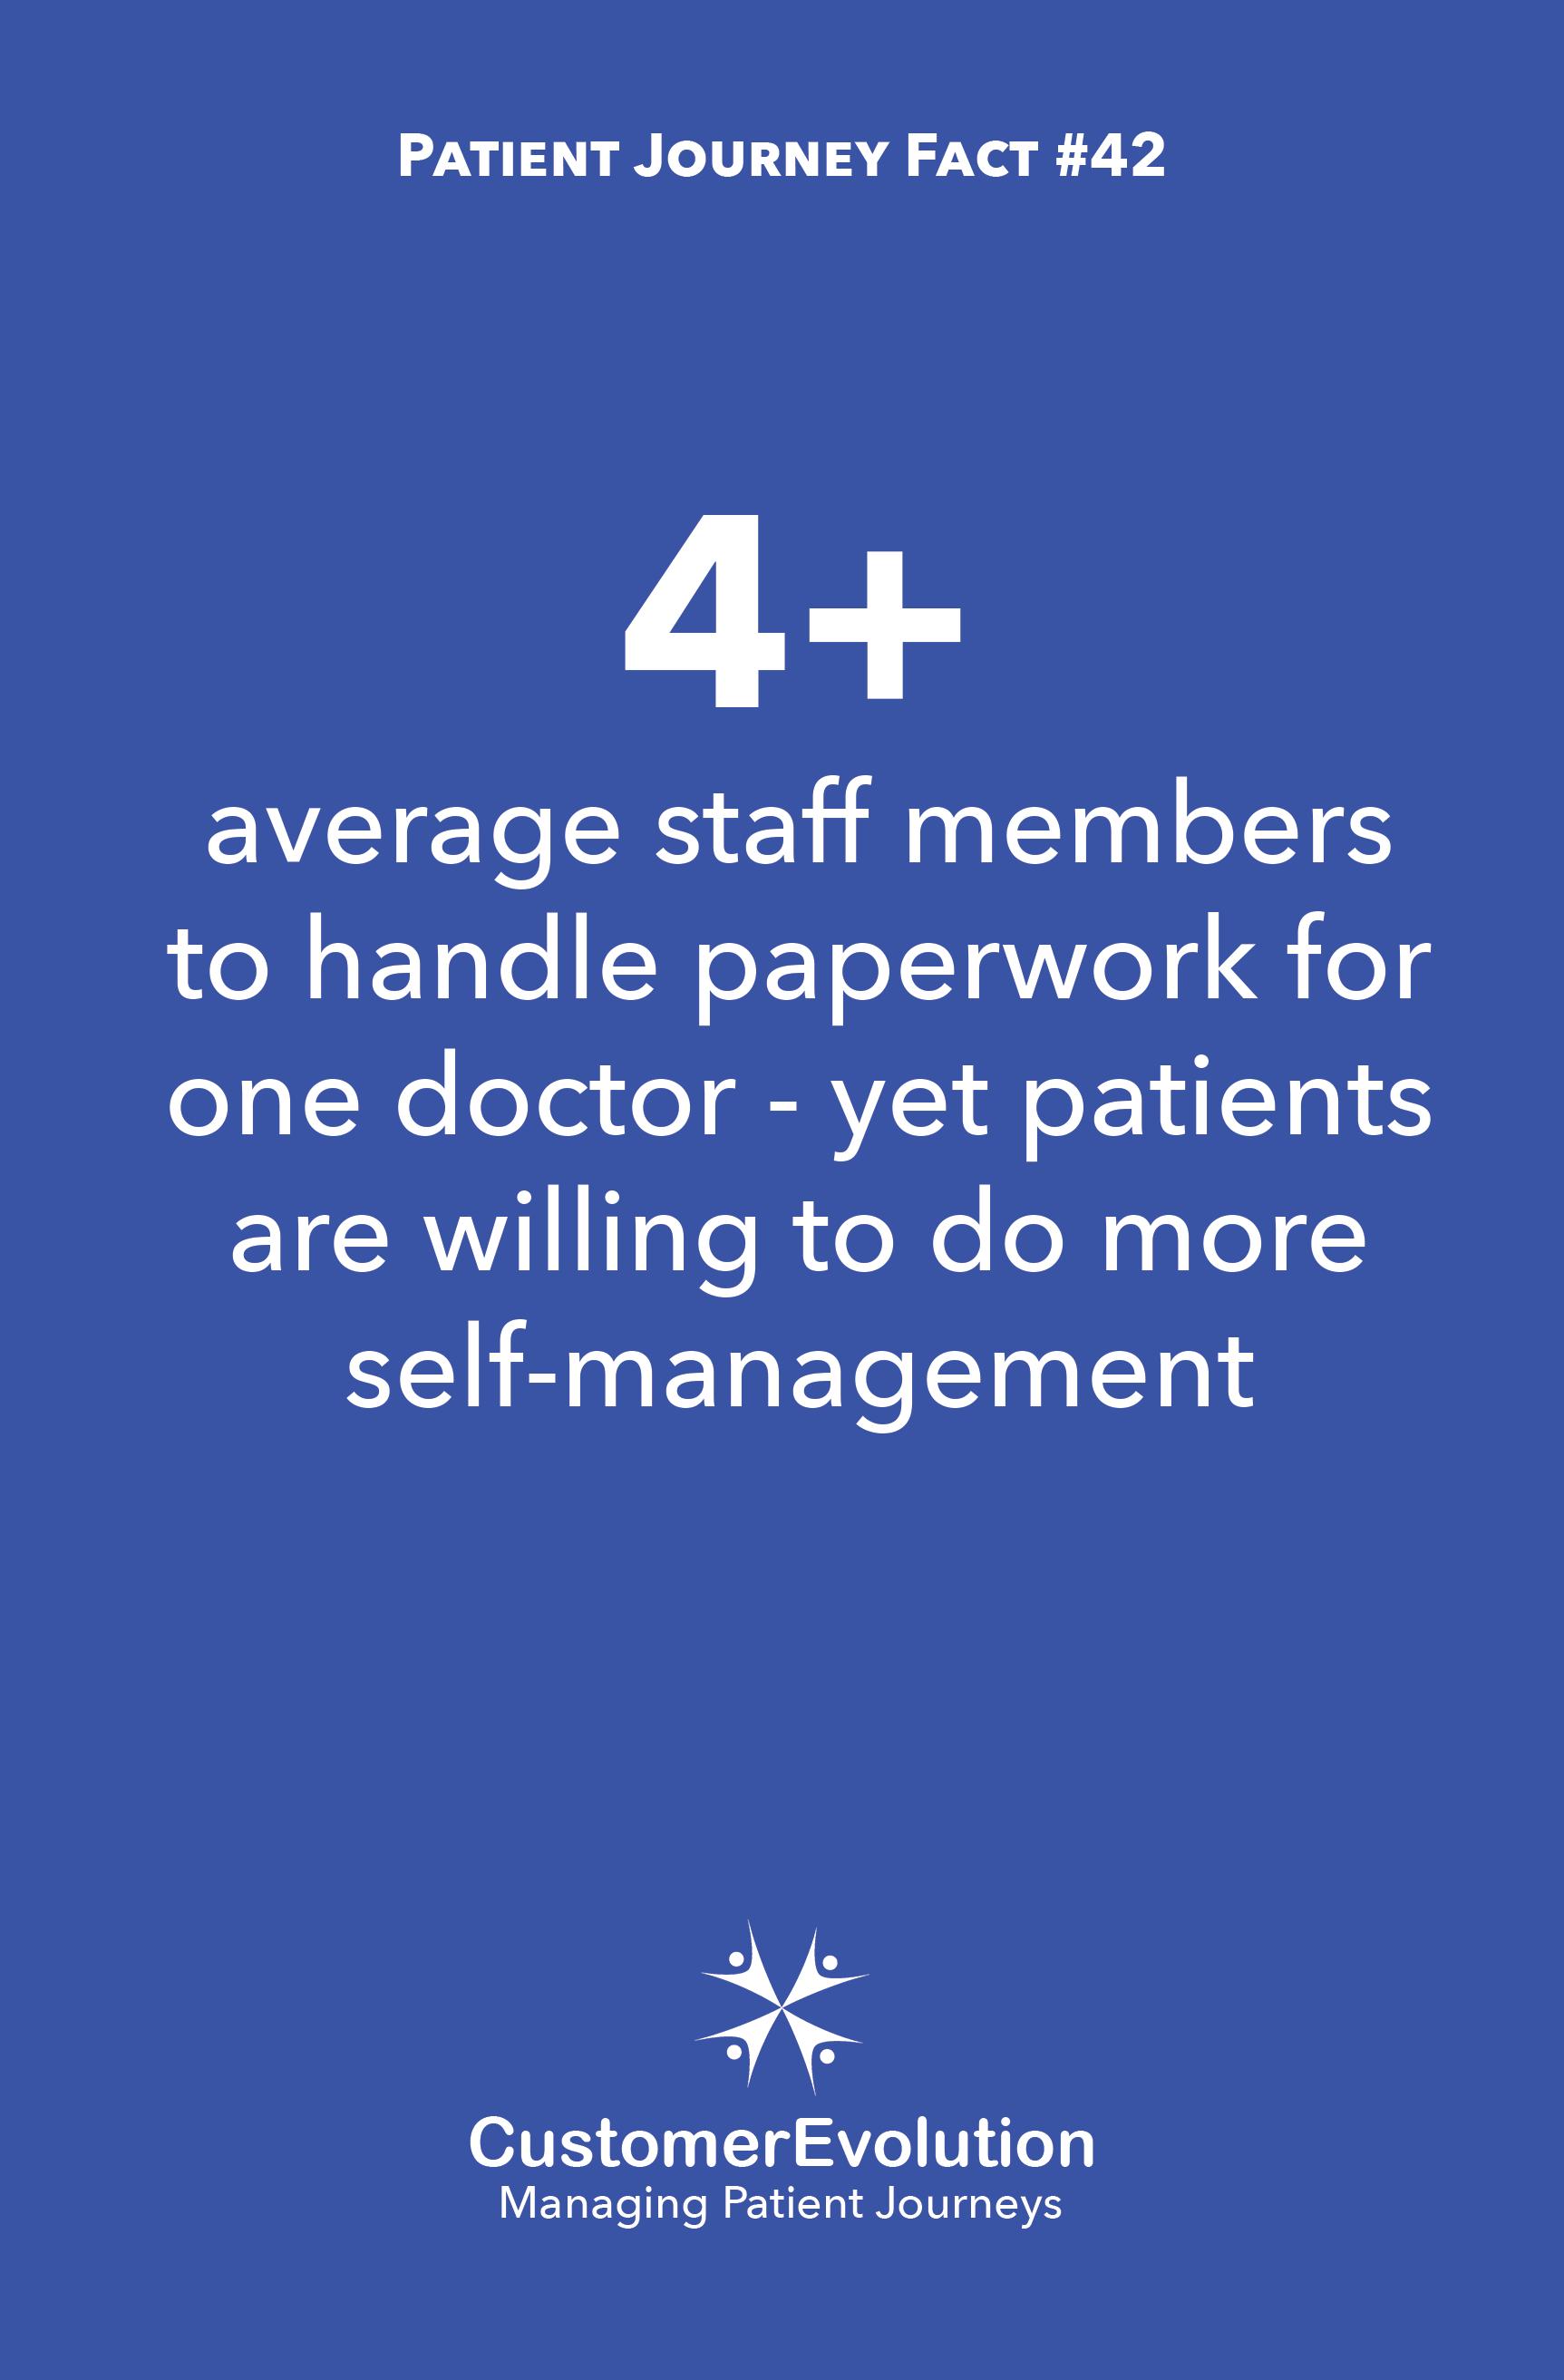 Patient Journey Fact #42